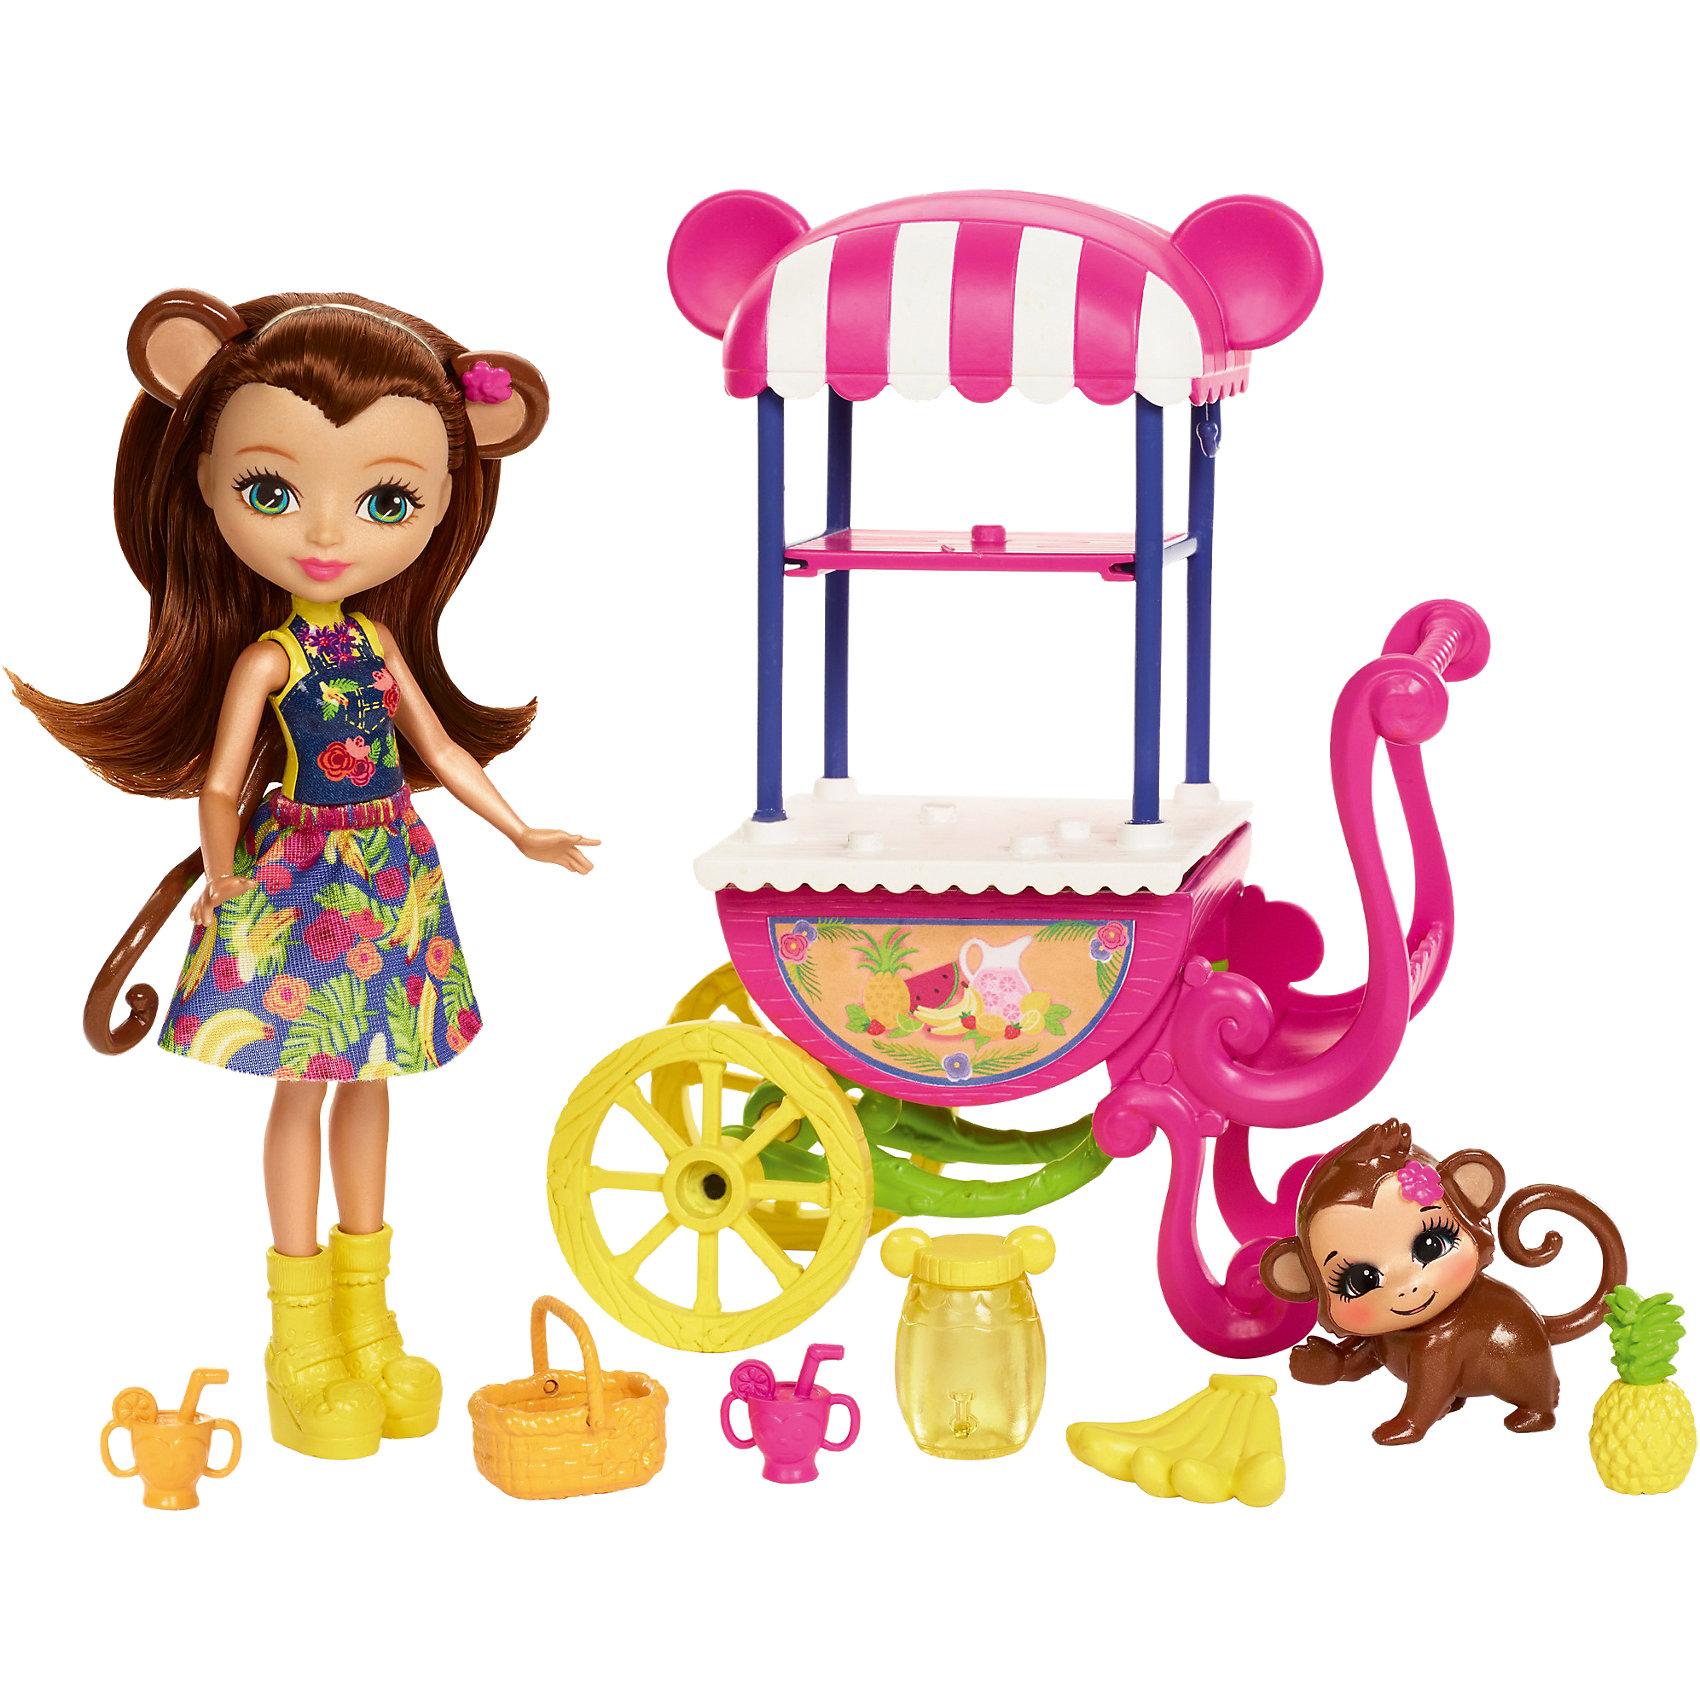 Кукла Enchantimals Мерит Мартыша с тележкой для фруктовБренды кукол<br>Характеристики товара:<br><br>• возраст: от 3 лет;<br>• пол: девочка;  <br>• высота куклы: 15 см;<br>• в комплекте : кукла, питомец и аксессуары; <br>• подвижные руки, ноги и голова кукол;<br>• мягкие волосы, которые можно расчесывать;                                         <br>• страна-производитель: Индонезия;                                    <br>• размер упаковки: 5,5х10х32,5 см.<br><br>Новинка от Mattel!!!<br>Перед вами замечательный набор, с которым можно будет придумать массу увлекательных историй и долго весело играть.<br><br>У Мерит прекрасные волосы с ободком и звериными ушкам, которые добавляют необычность кукле. На ней надето красочное платьице и желтые сапожки. Куколка со своим питомцем решила угостить жителей зачарованного леса соками. Для этого ей понадобится тележка, соковыжималка и фрукты<br><br>Игровой набор «Фруктовая корзинка» можно купить в нашем интернет-магазине.<br><br>Ширина мм: 280<br>Глубина мм: 216<br>Высота мм: 68<br>Вес г: 276<br>Возраст от месяцев: 72<br>Возраст до месяцев: 120<br>Пол: Женский<br>Возраст: Детский<br>SKU: 6739707